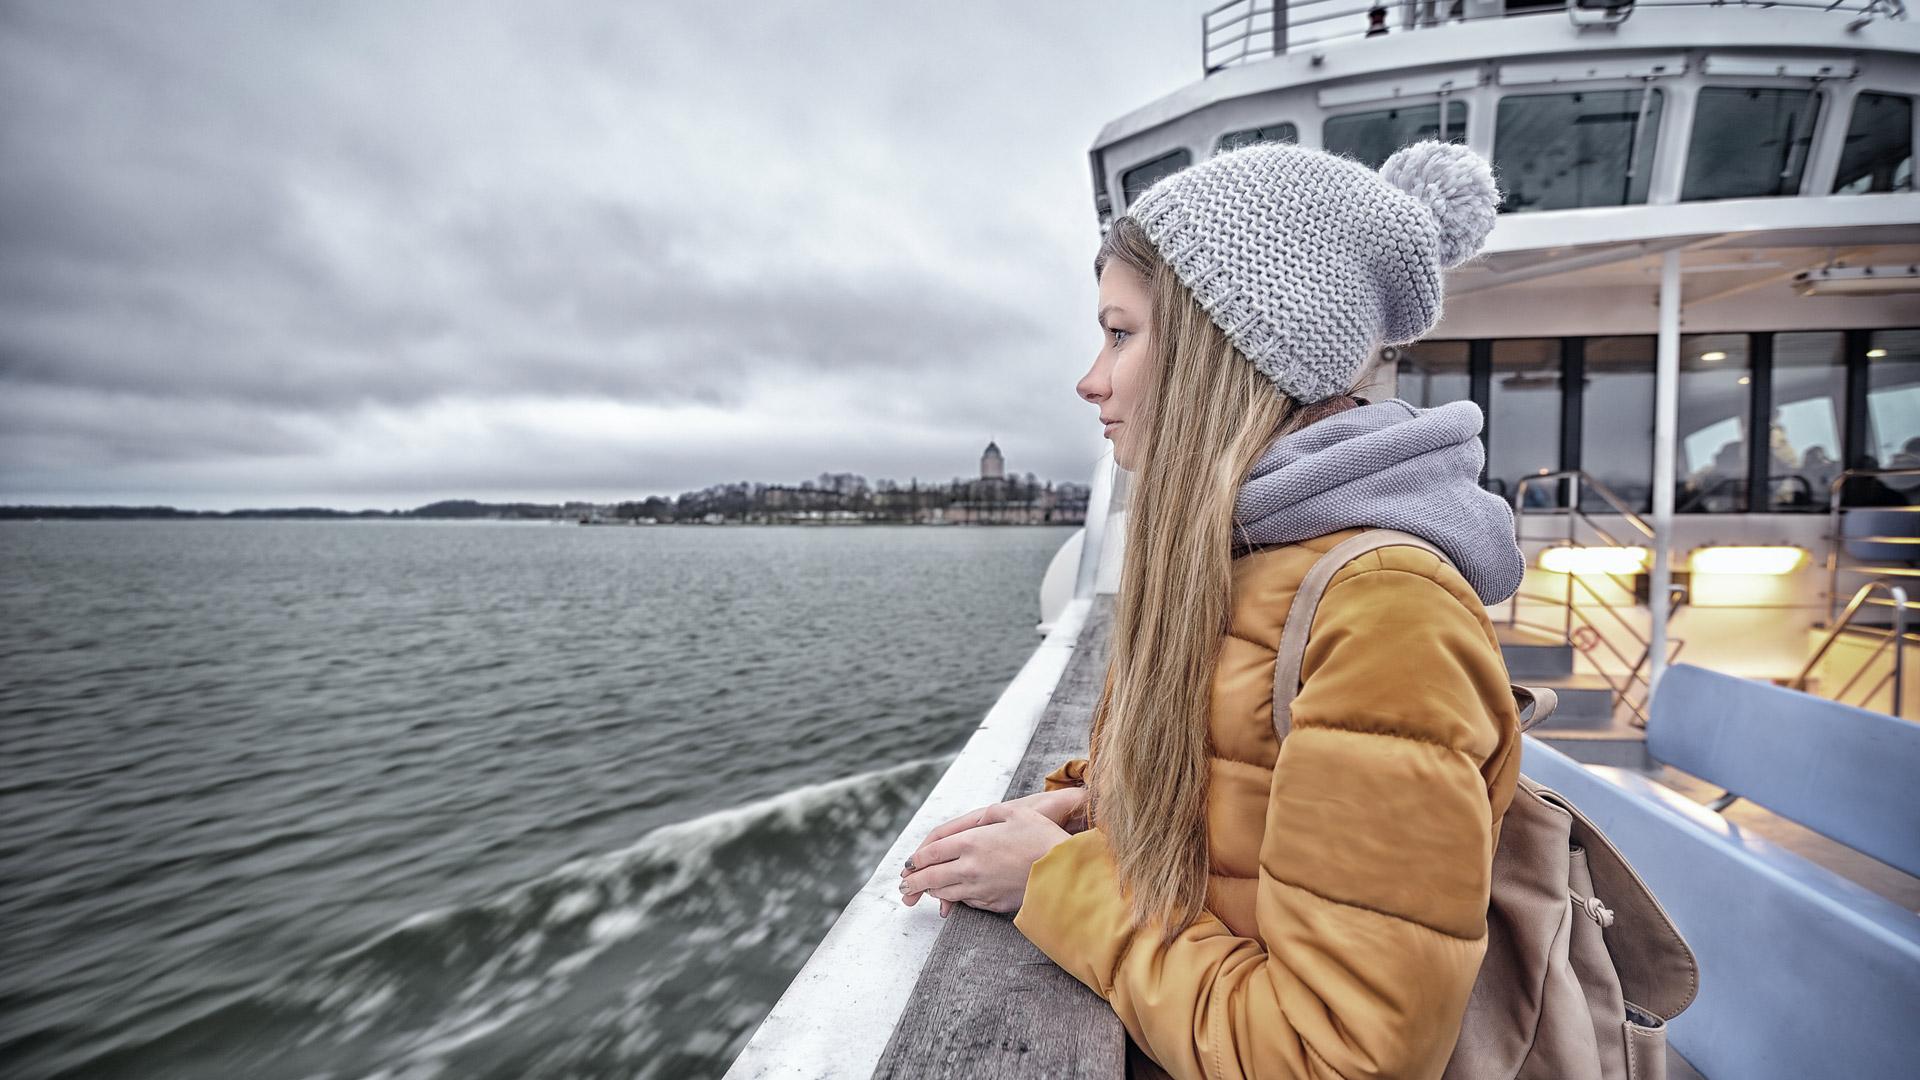 Suomenlinnan lauttamatka